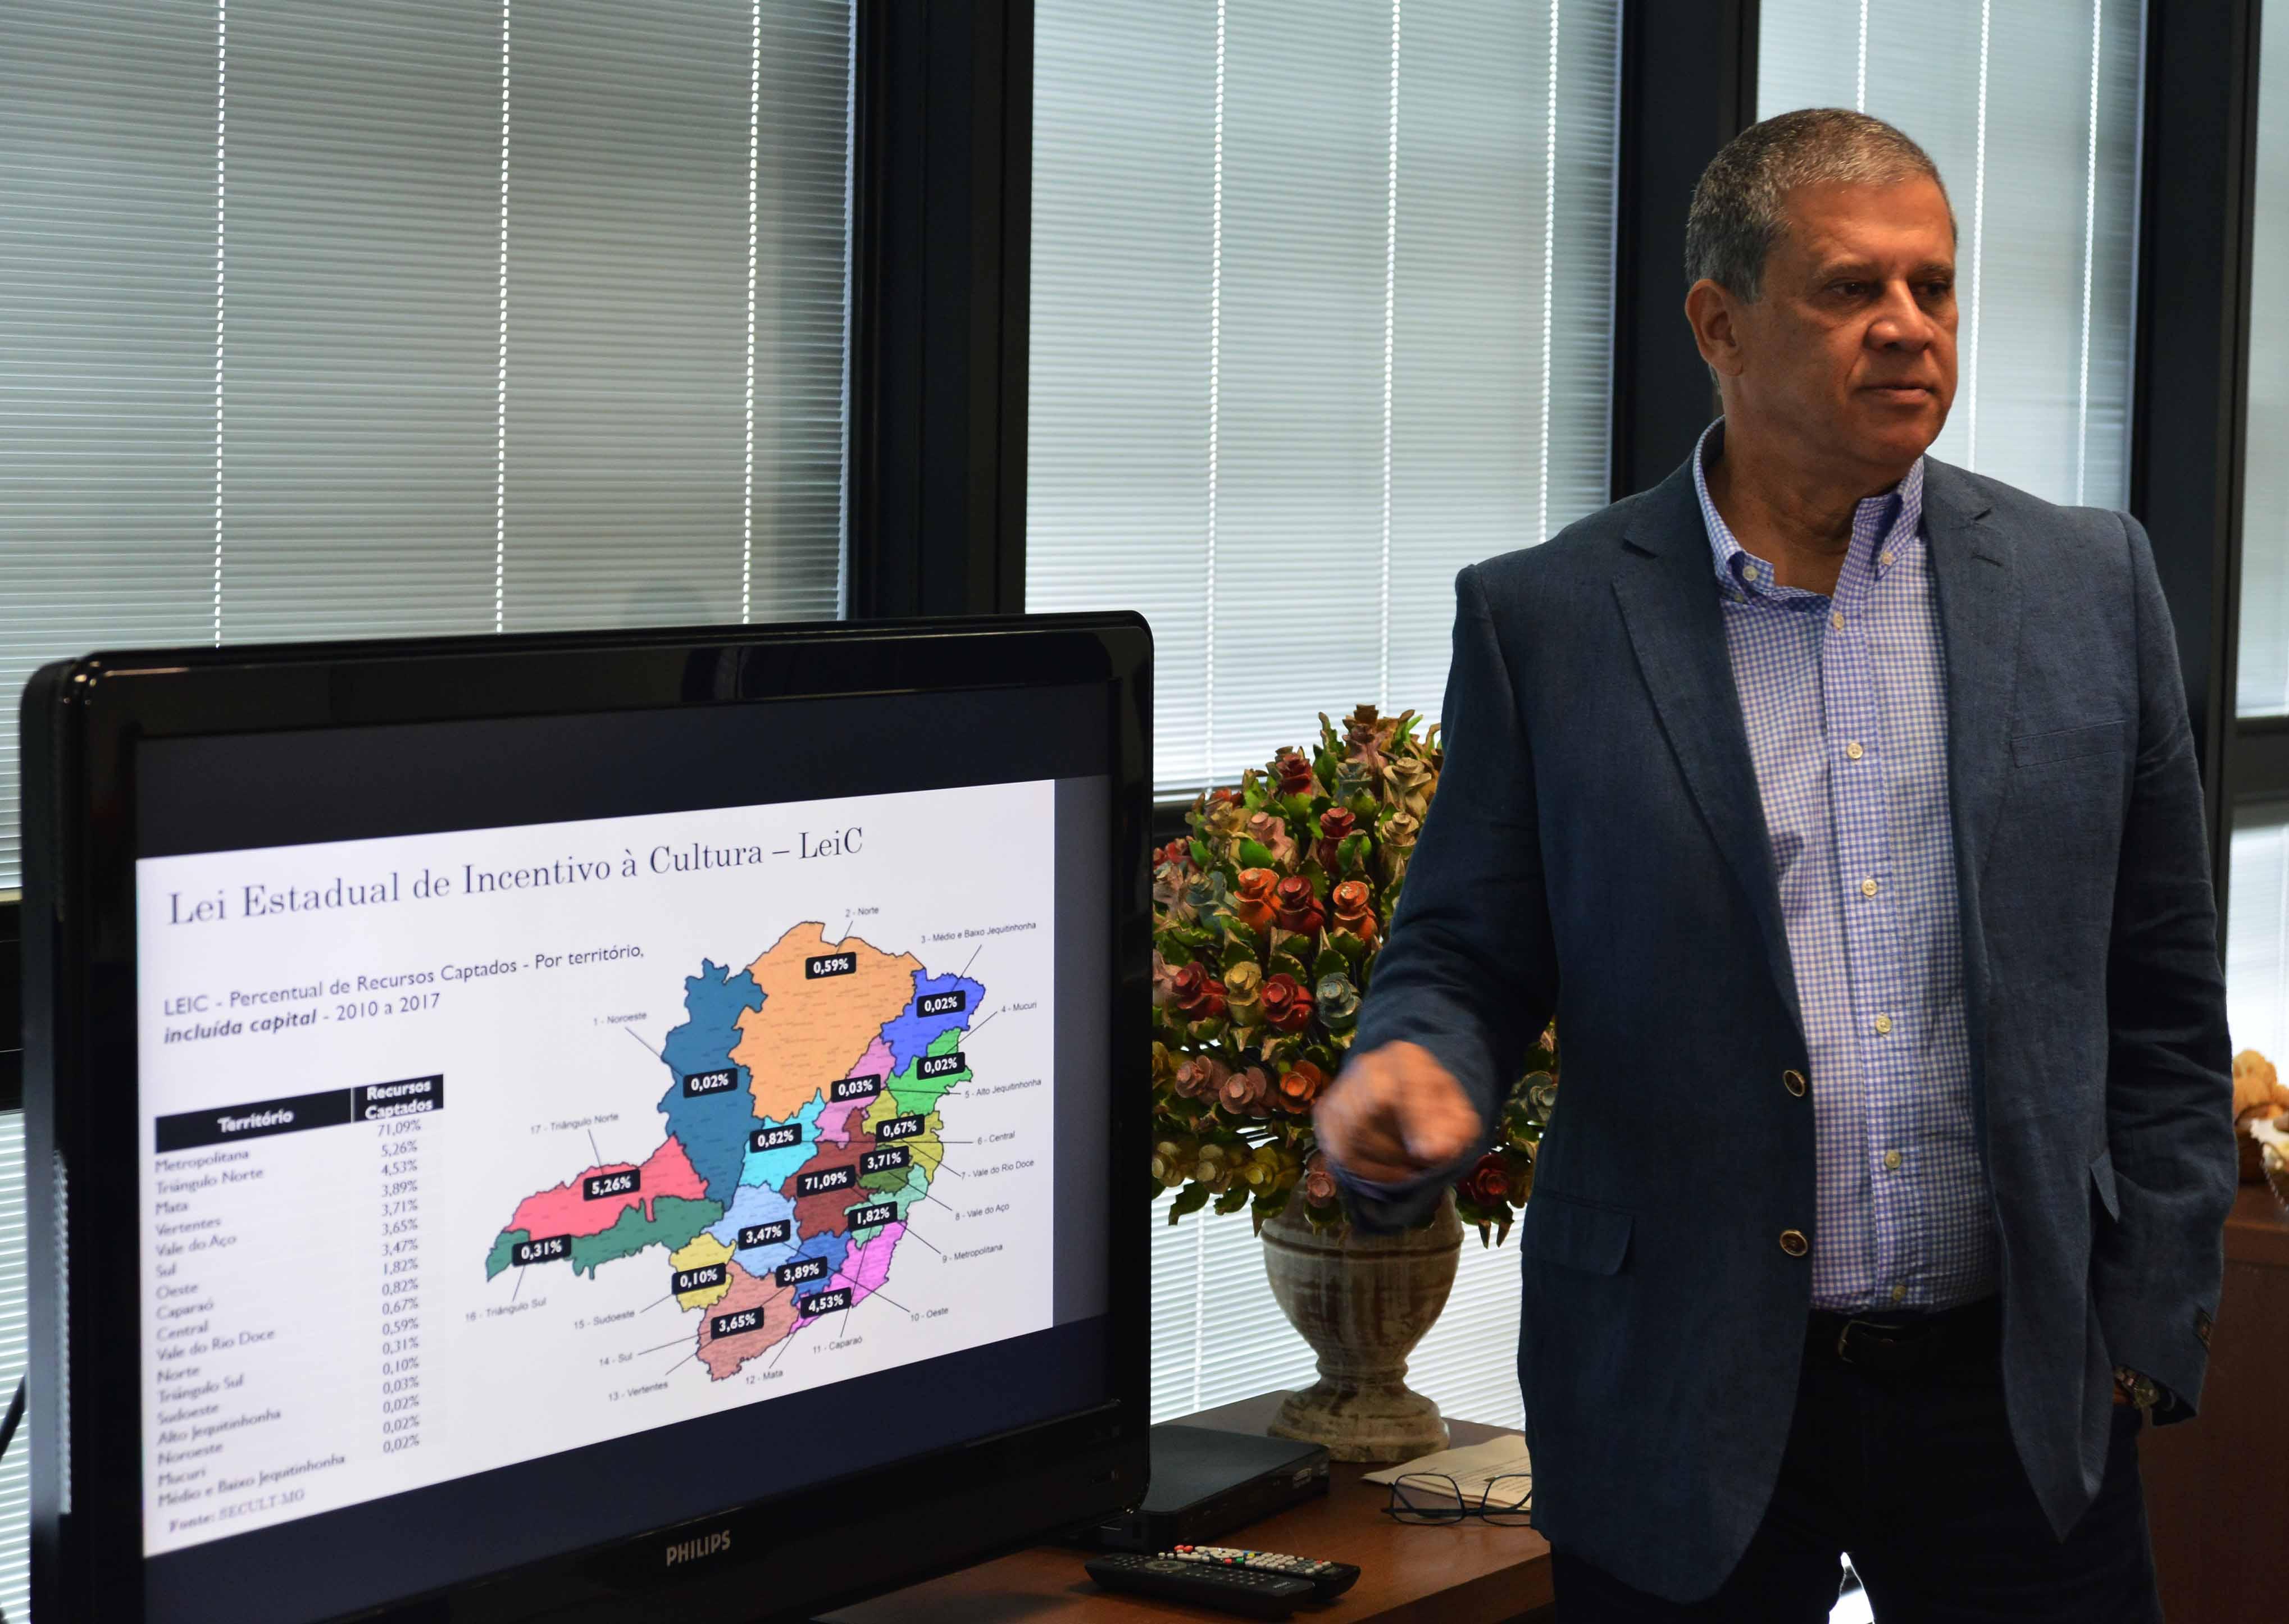 Marcelo Matte anuncia projetos de incentivo à cultura e ao turismo em Minas Gerais